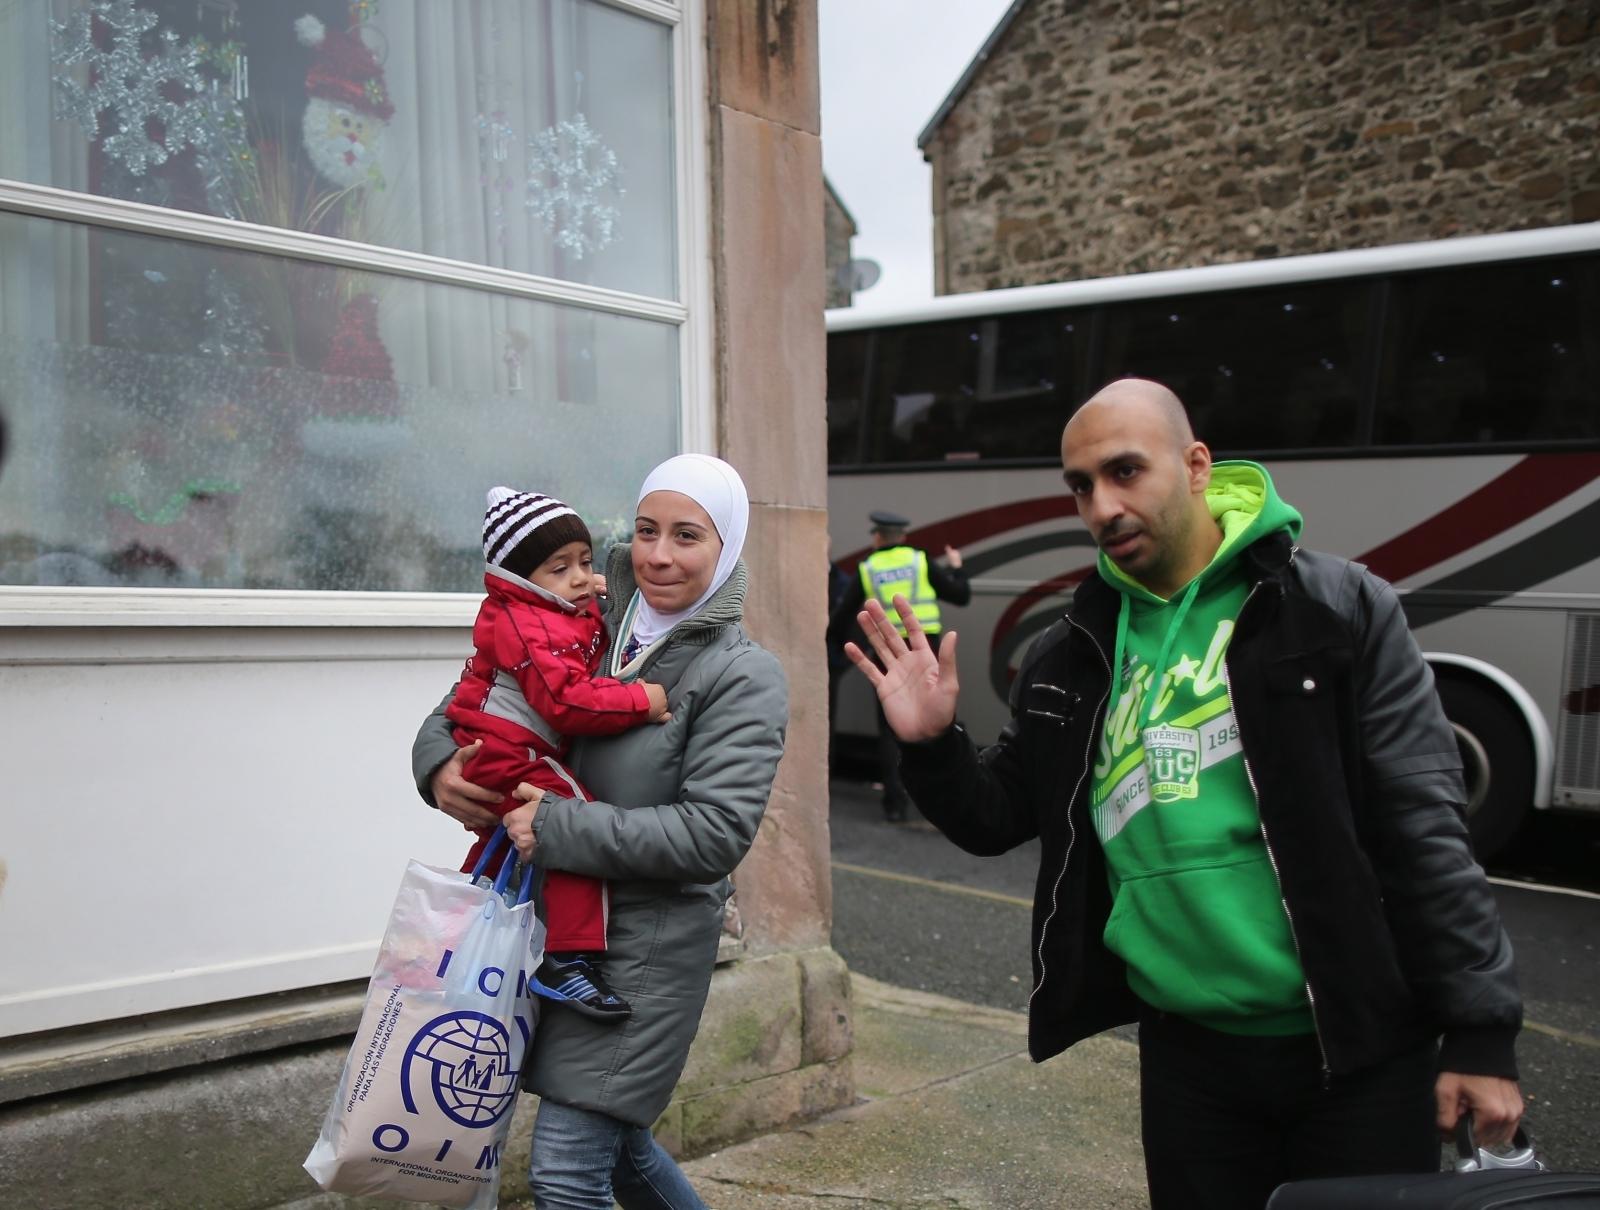 Syrian refugees Scotland